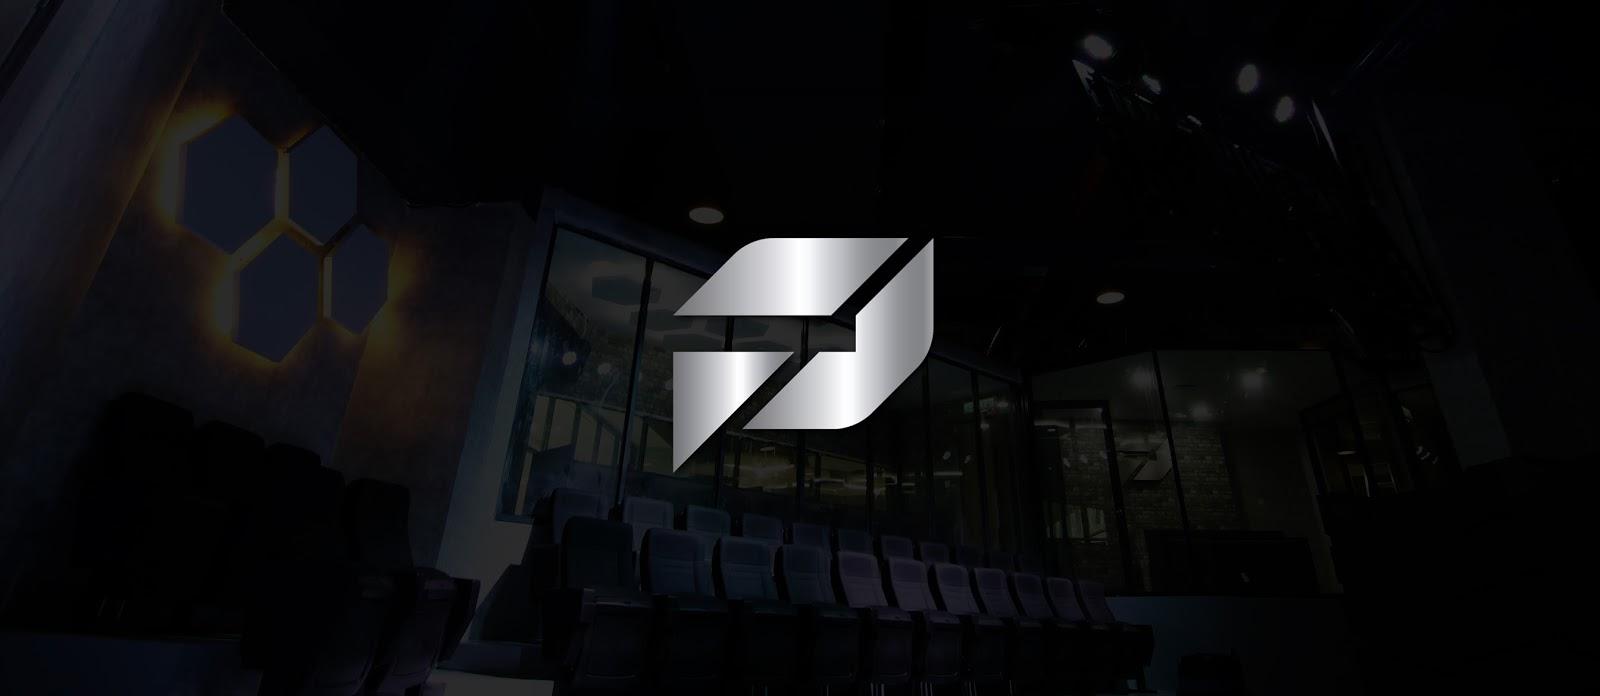 The Pantheon, eSports arena, Malaysia, NVIDIA certified